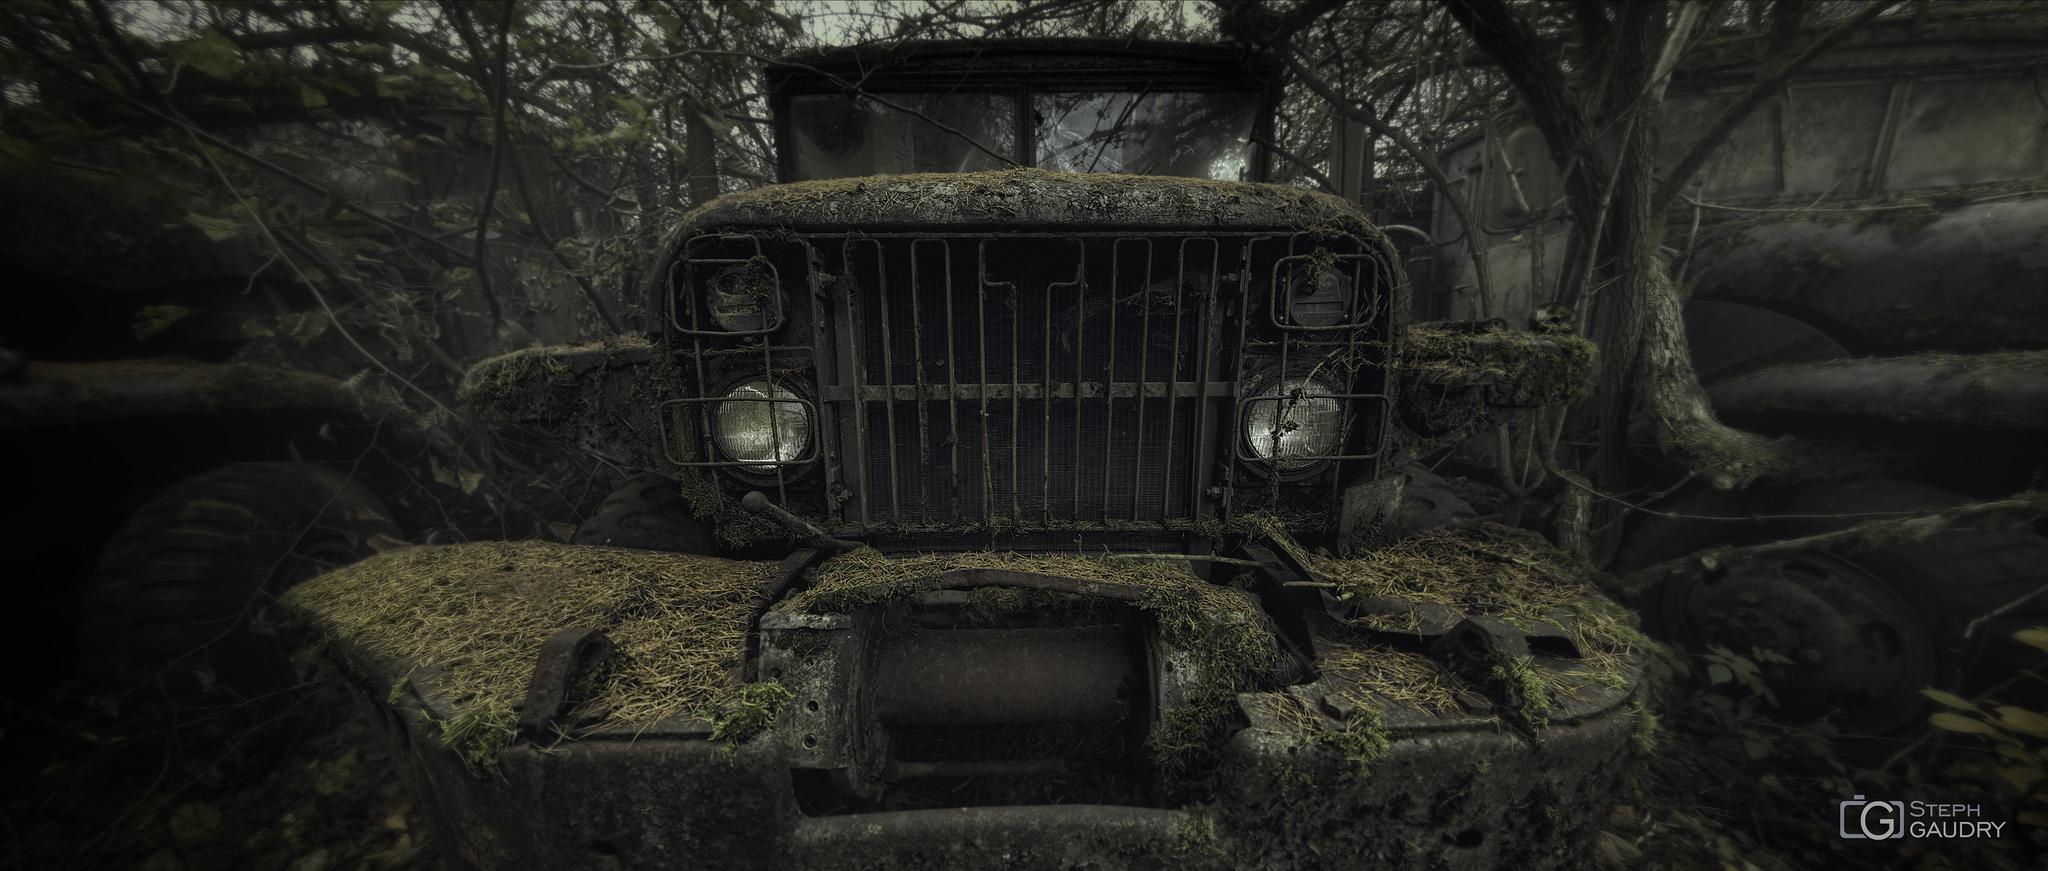 Monster truck [Klik om de diavoorstelling te starten]